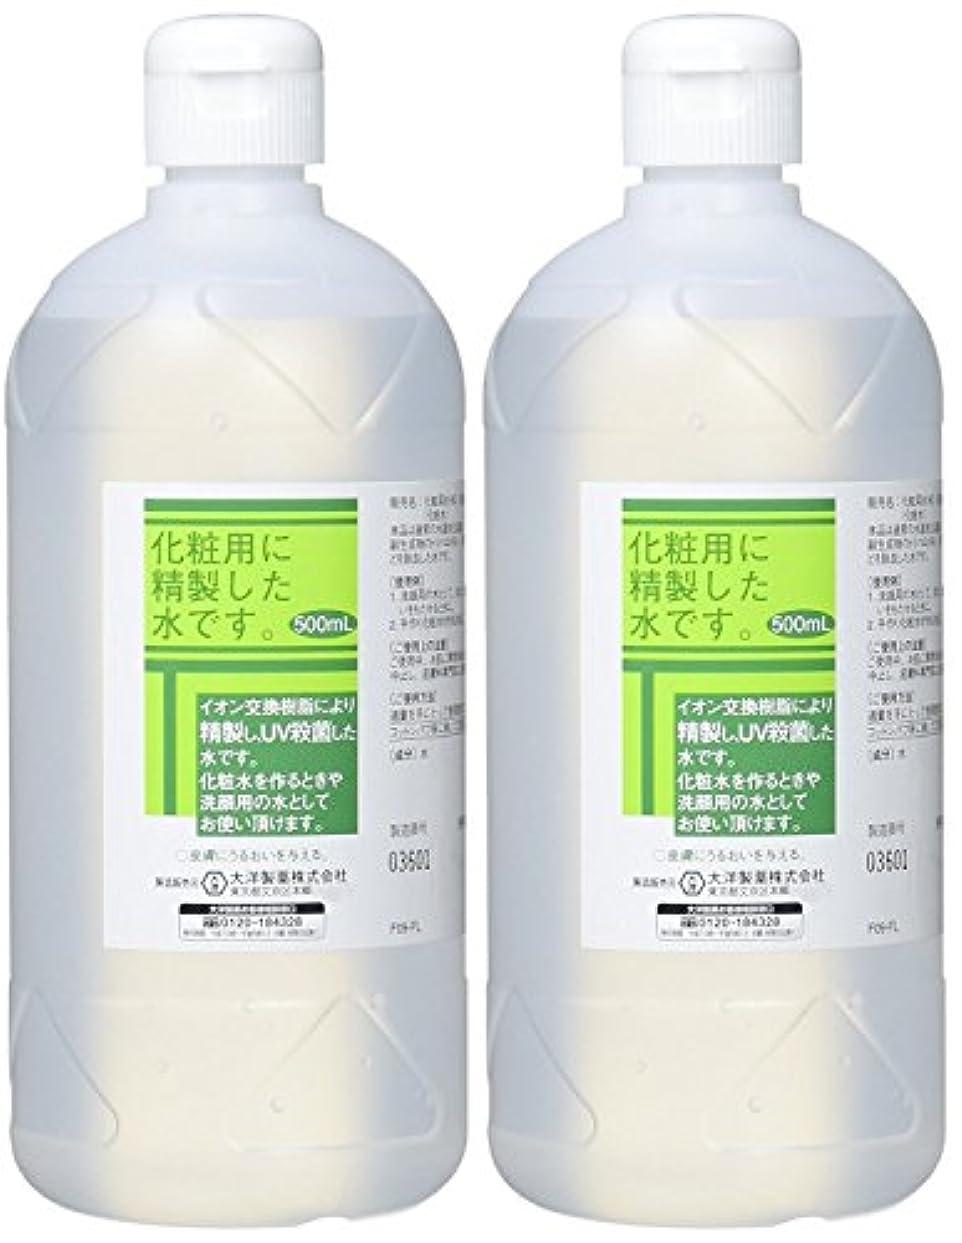 レトルトペフ覚醒化粧用 精製水 HG 500ml×2個